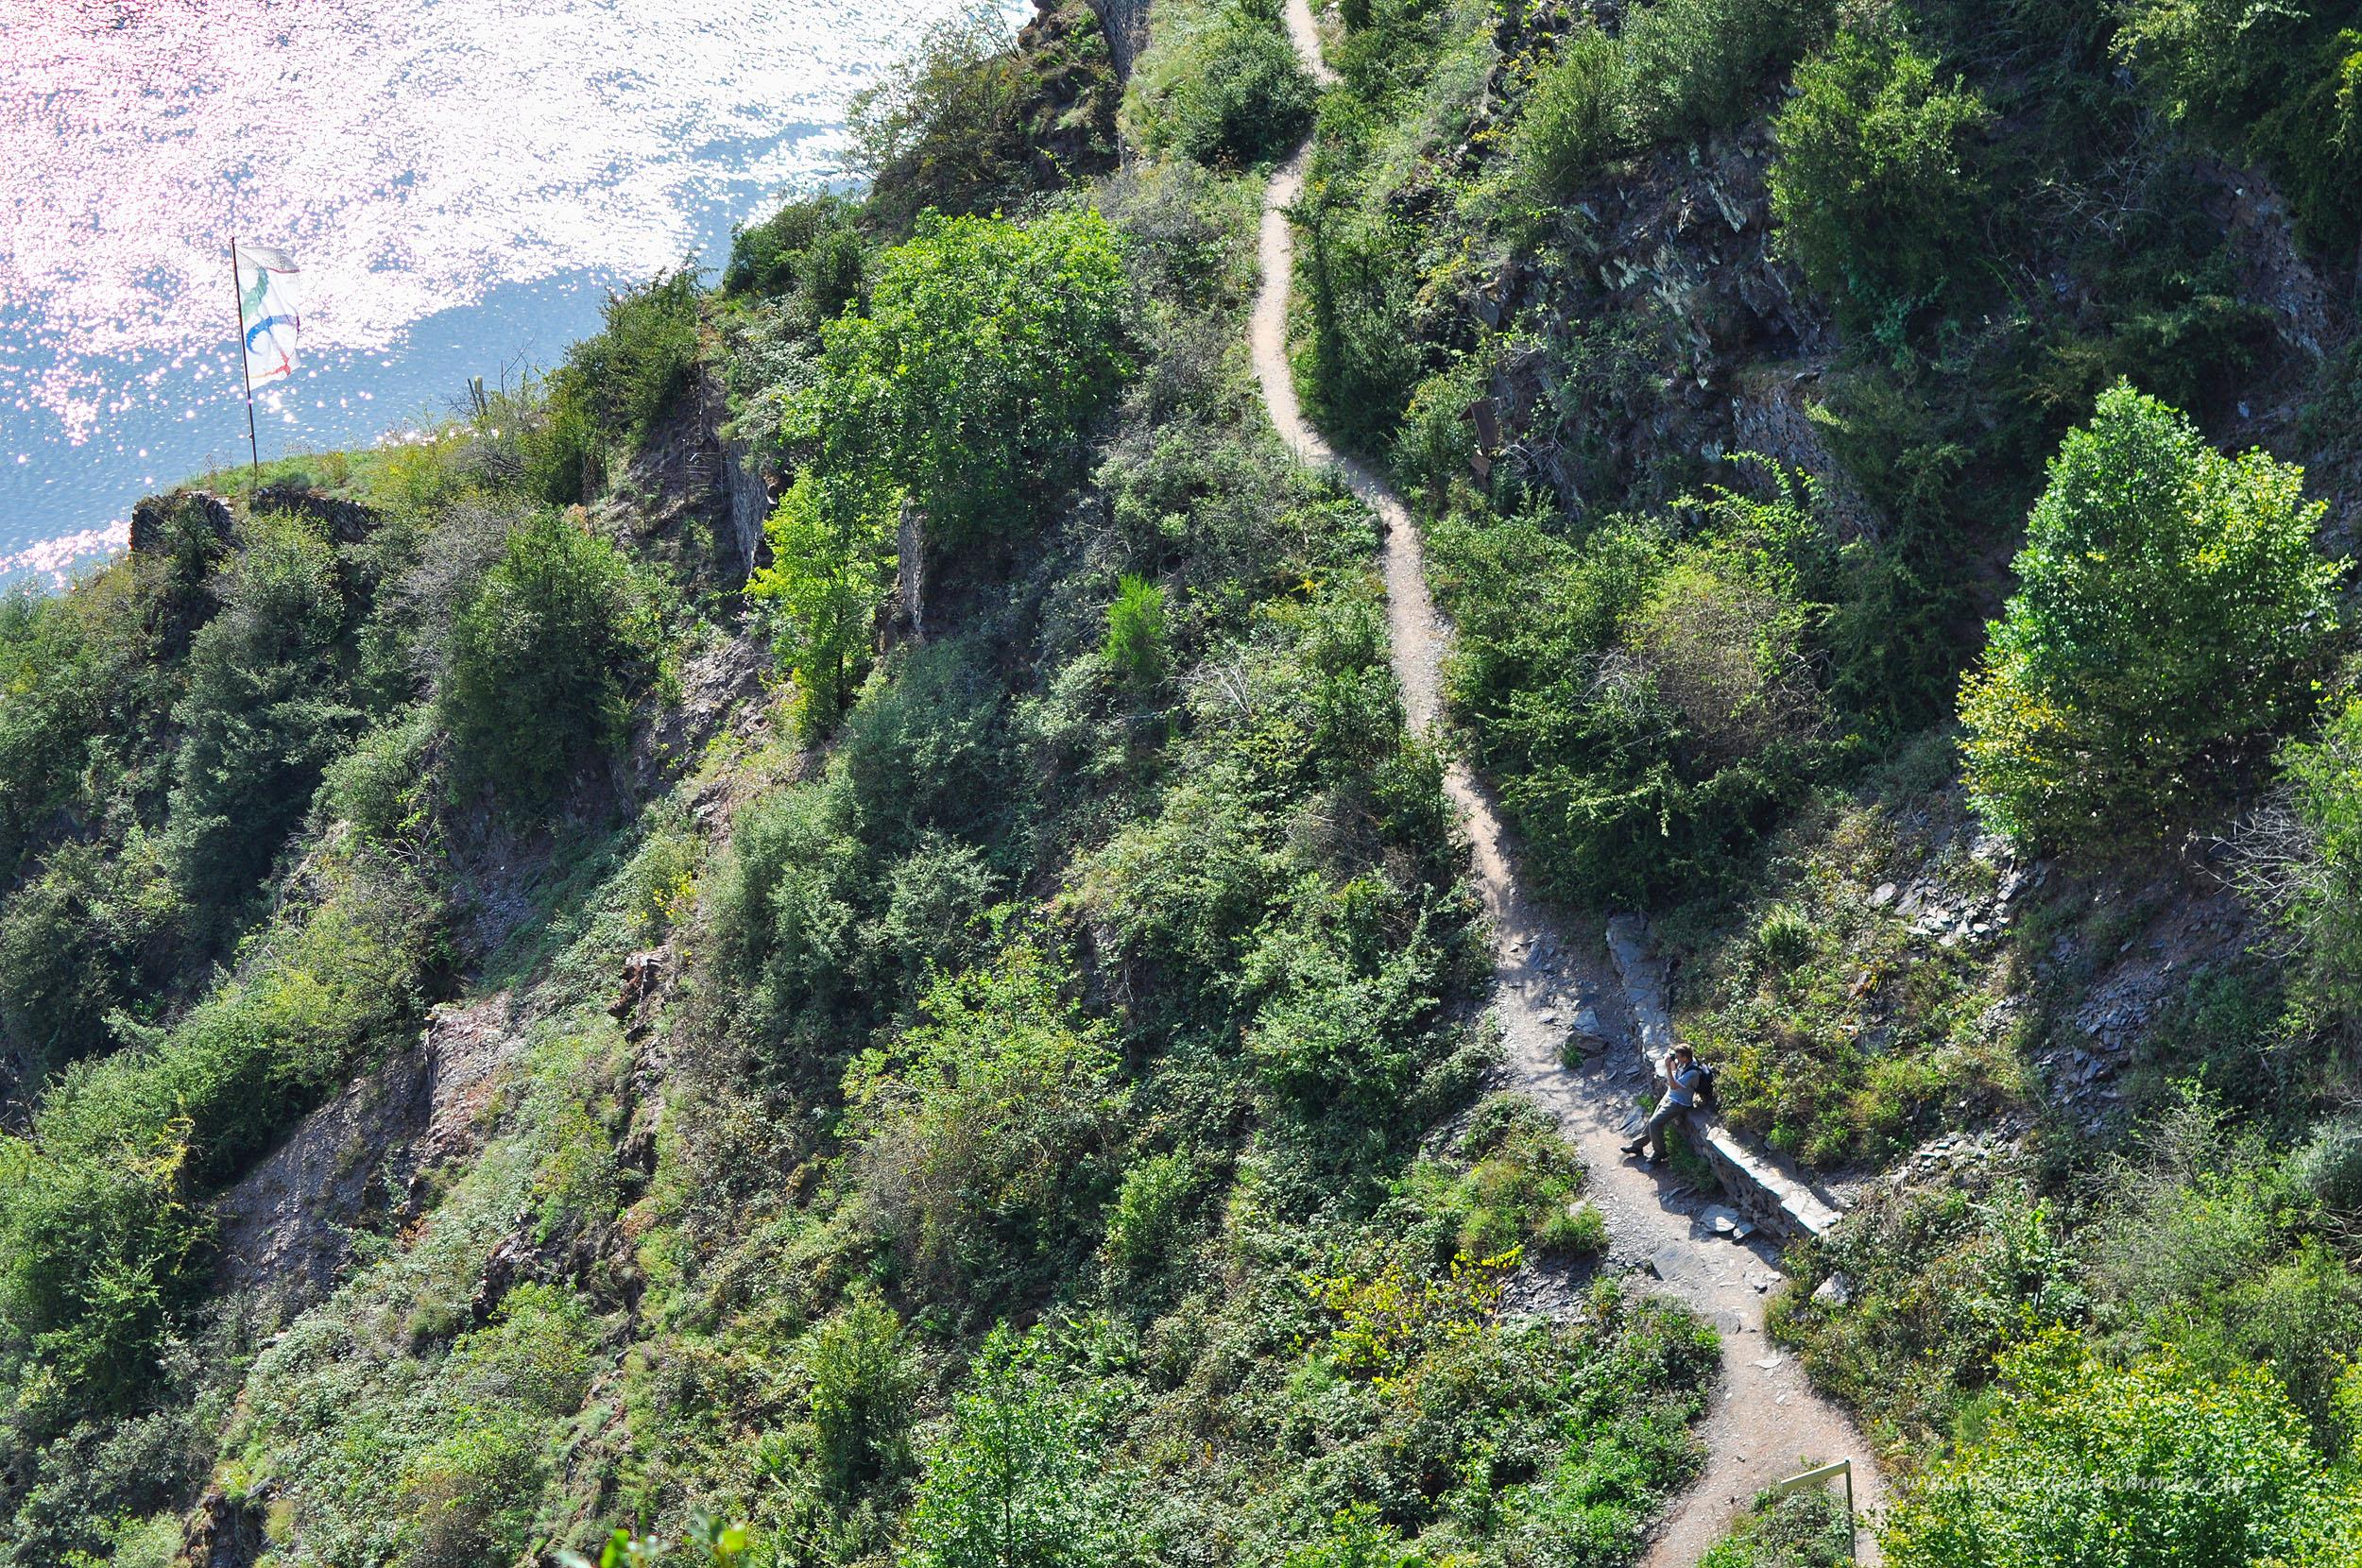 Klettersteig Mosel : Wanderung durch den calmont klettersteig die weltenbummler